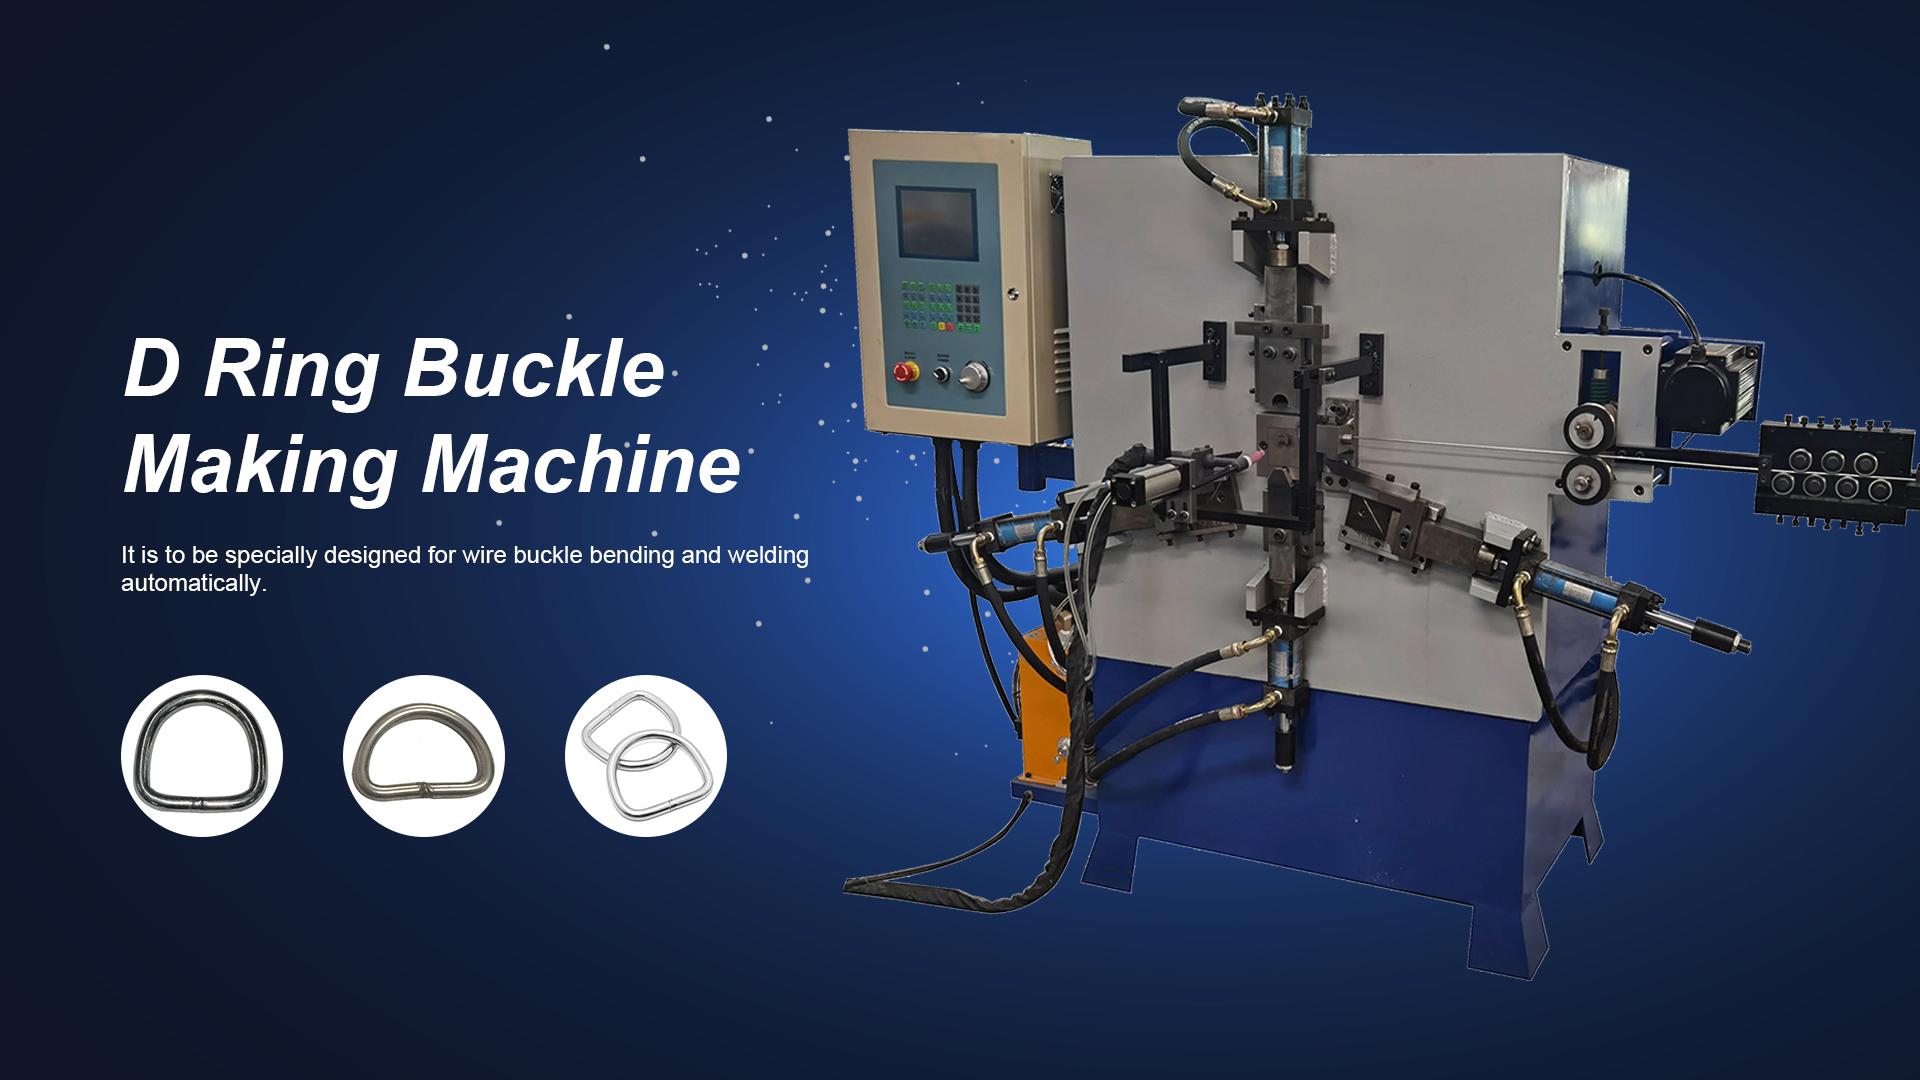 D حلقة مشبك ماكينة - آلة شينشنغ